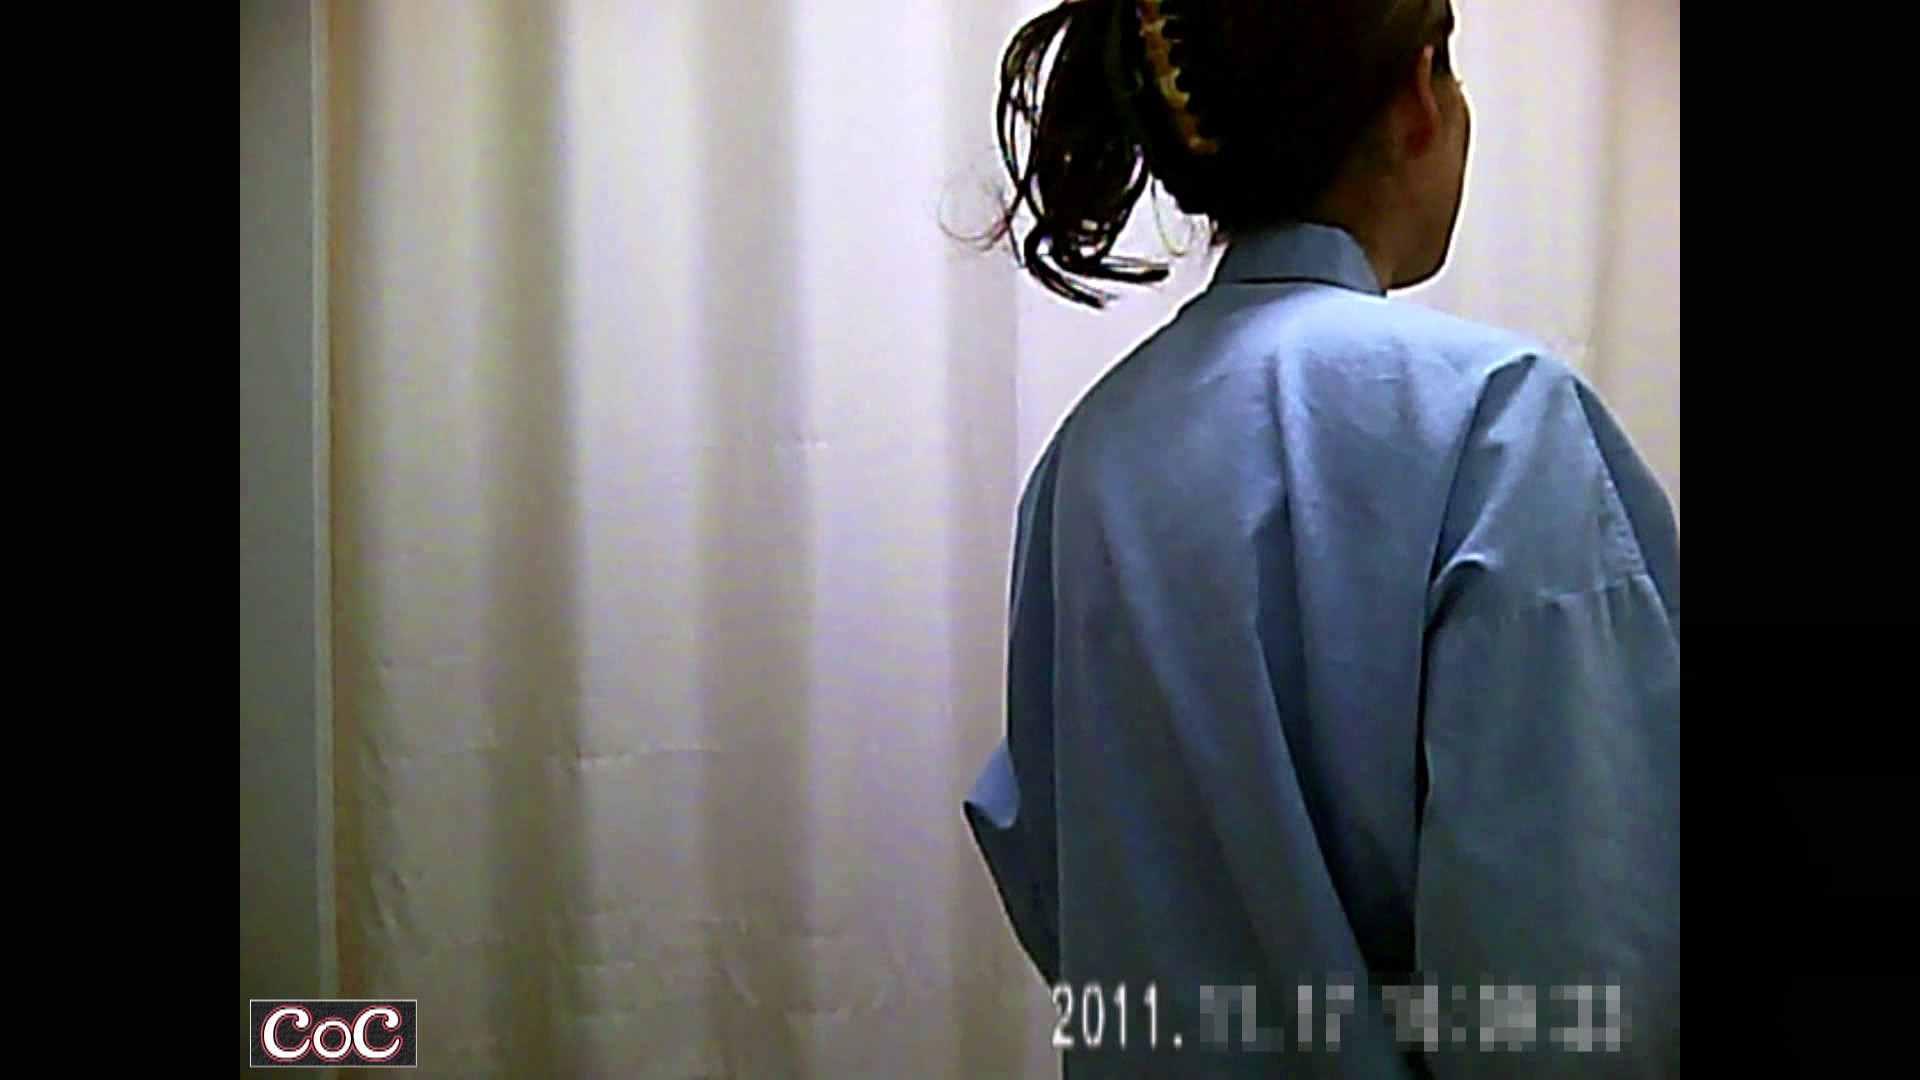 病院おもいっきり着替え! vol.97 OLエロ画像 盗撮おめこ無修正動画無料 46PICs 23